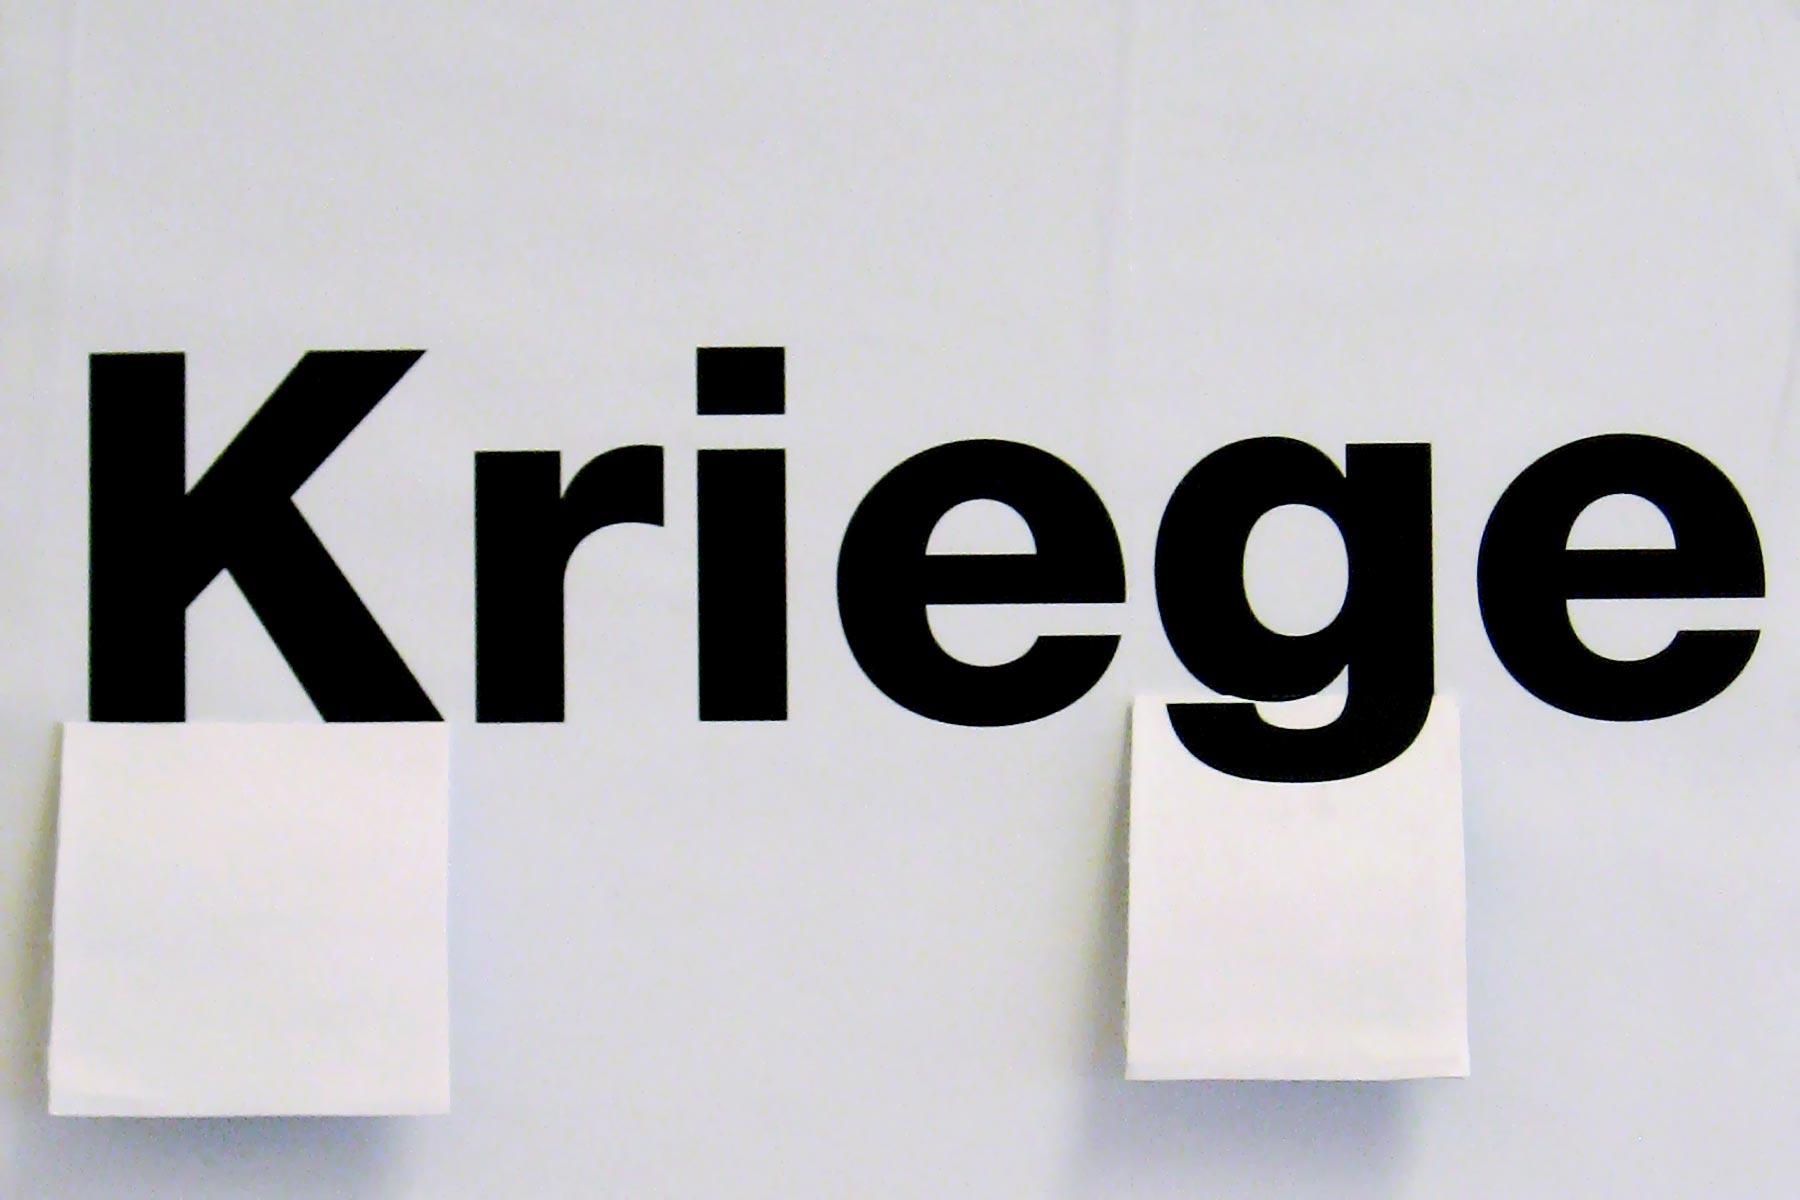 kriege_friede_3